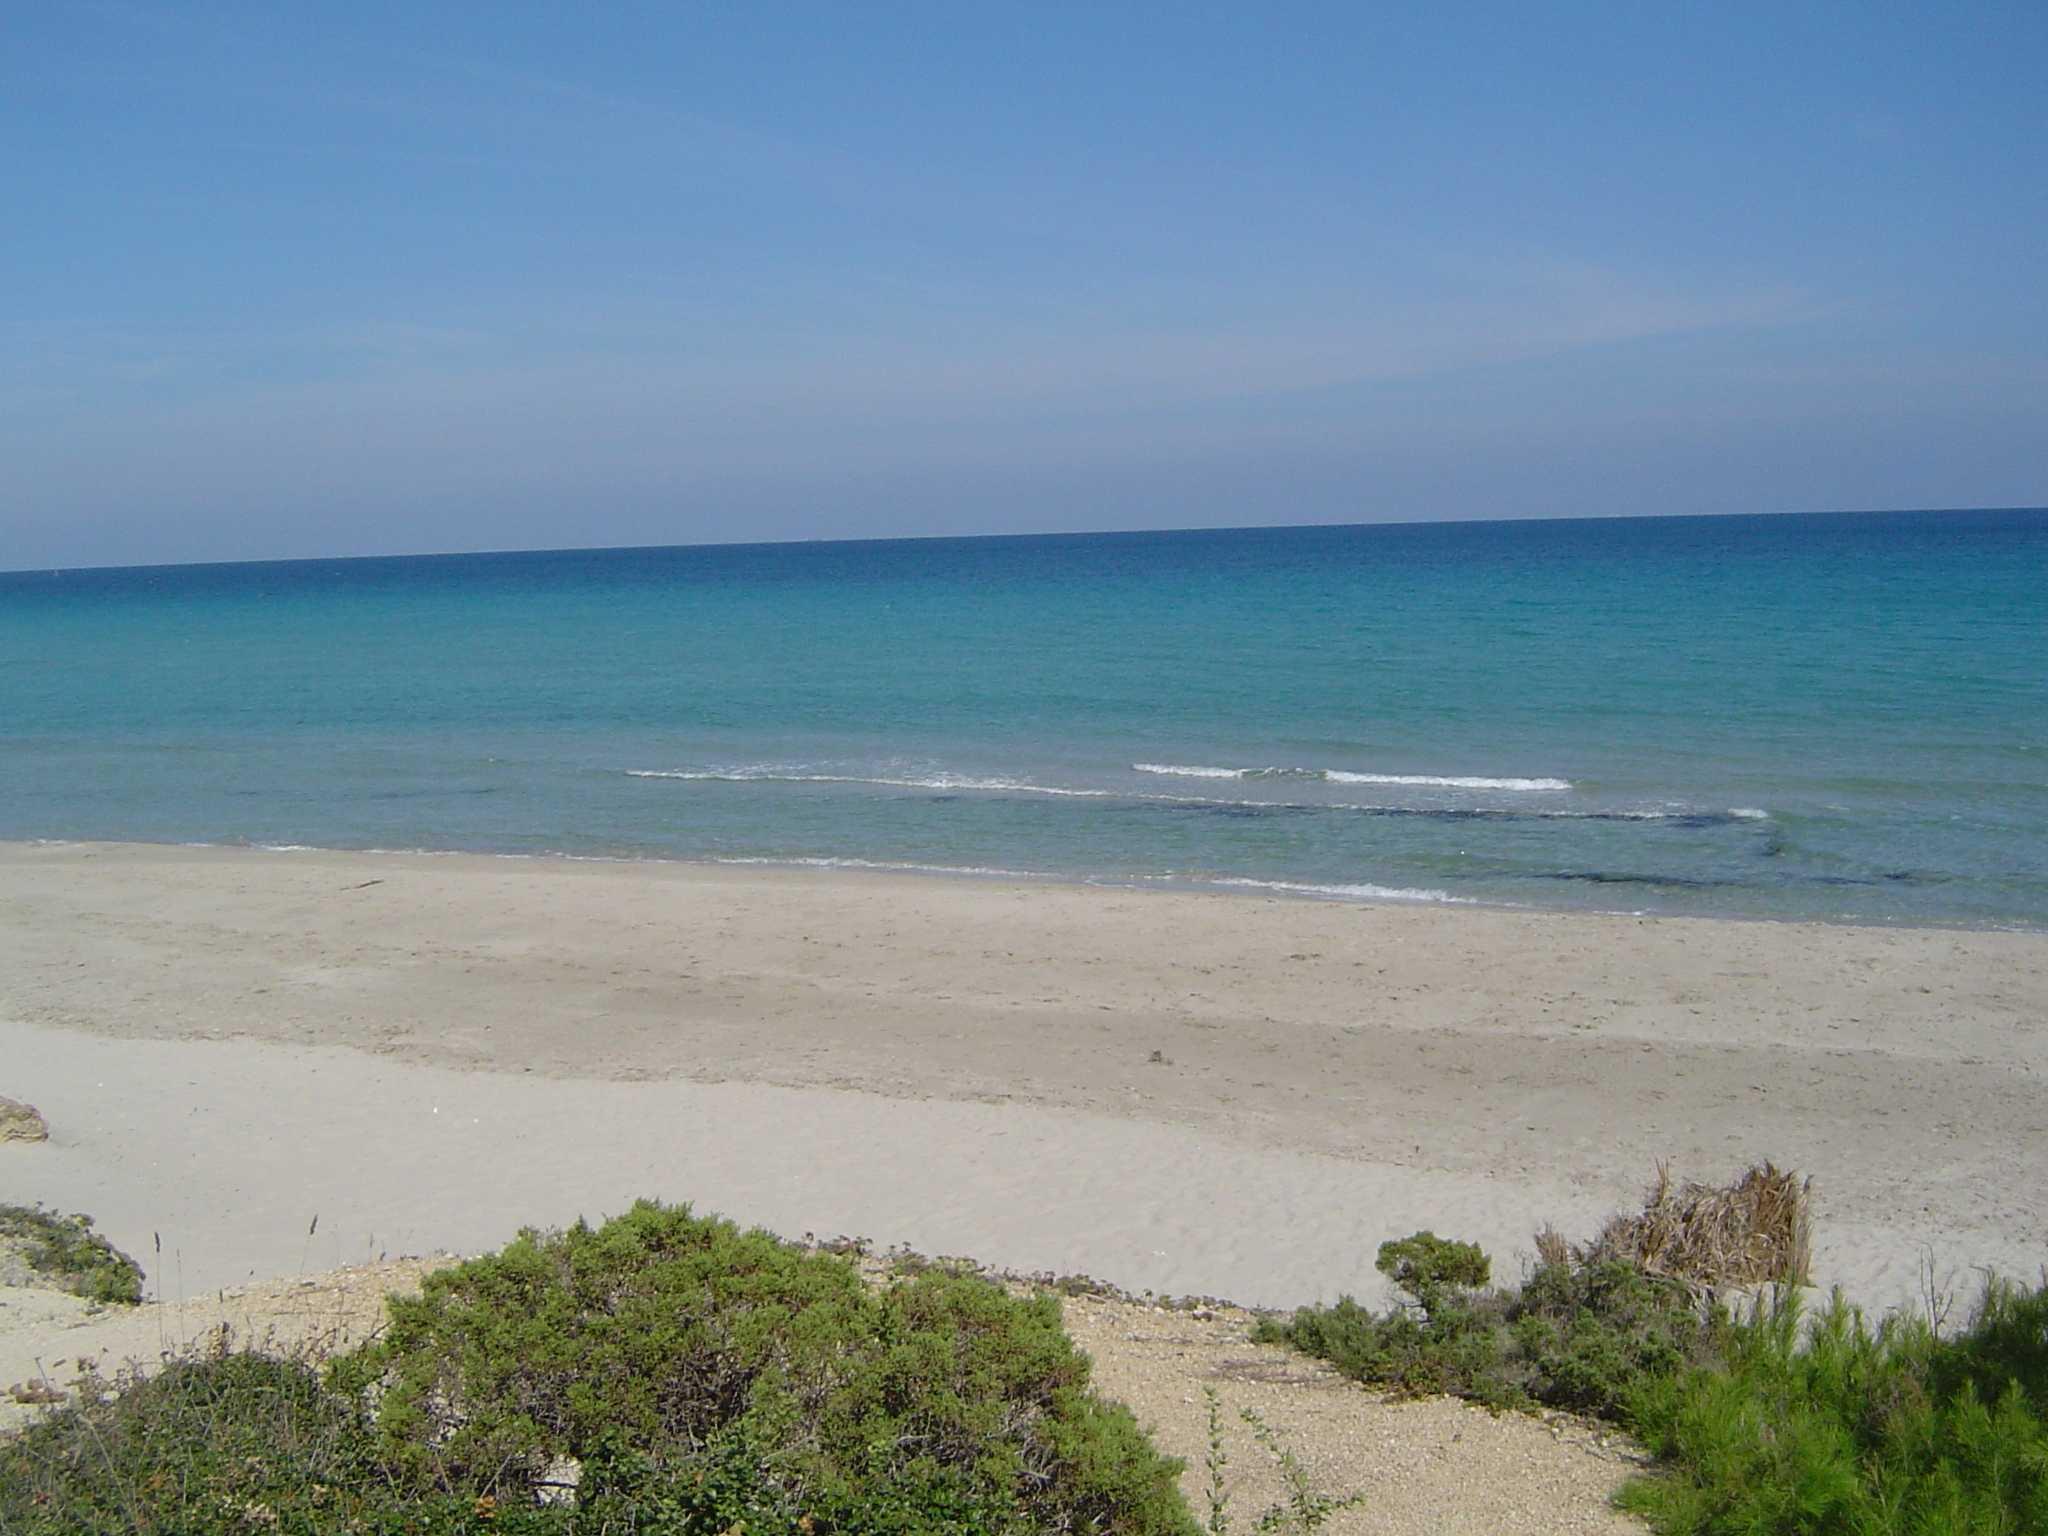 Spiaggia Alimini, Otranto, Lecce